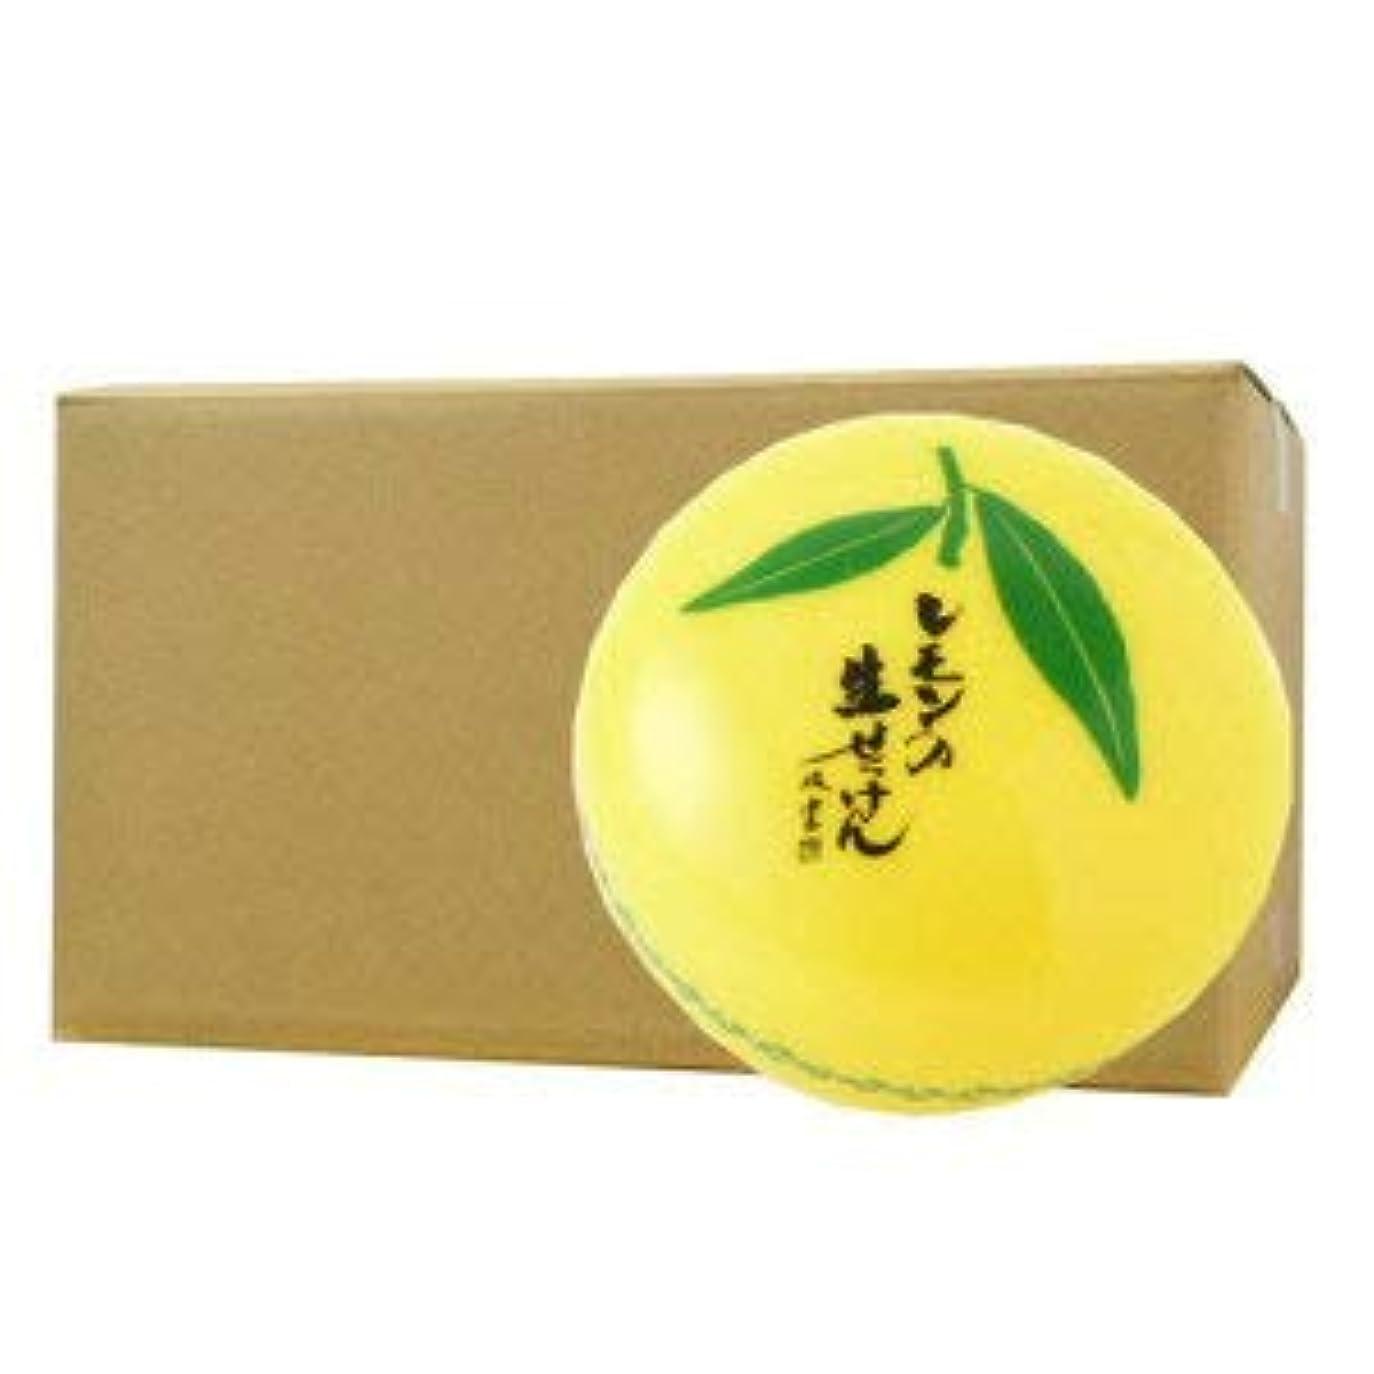 説教する文芸カイウスUYEKI美香柑レモンの生せっけん50g×72個セット